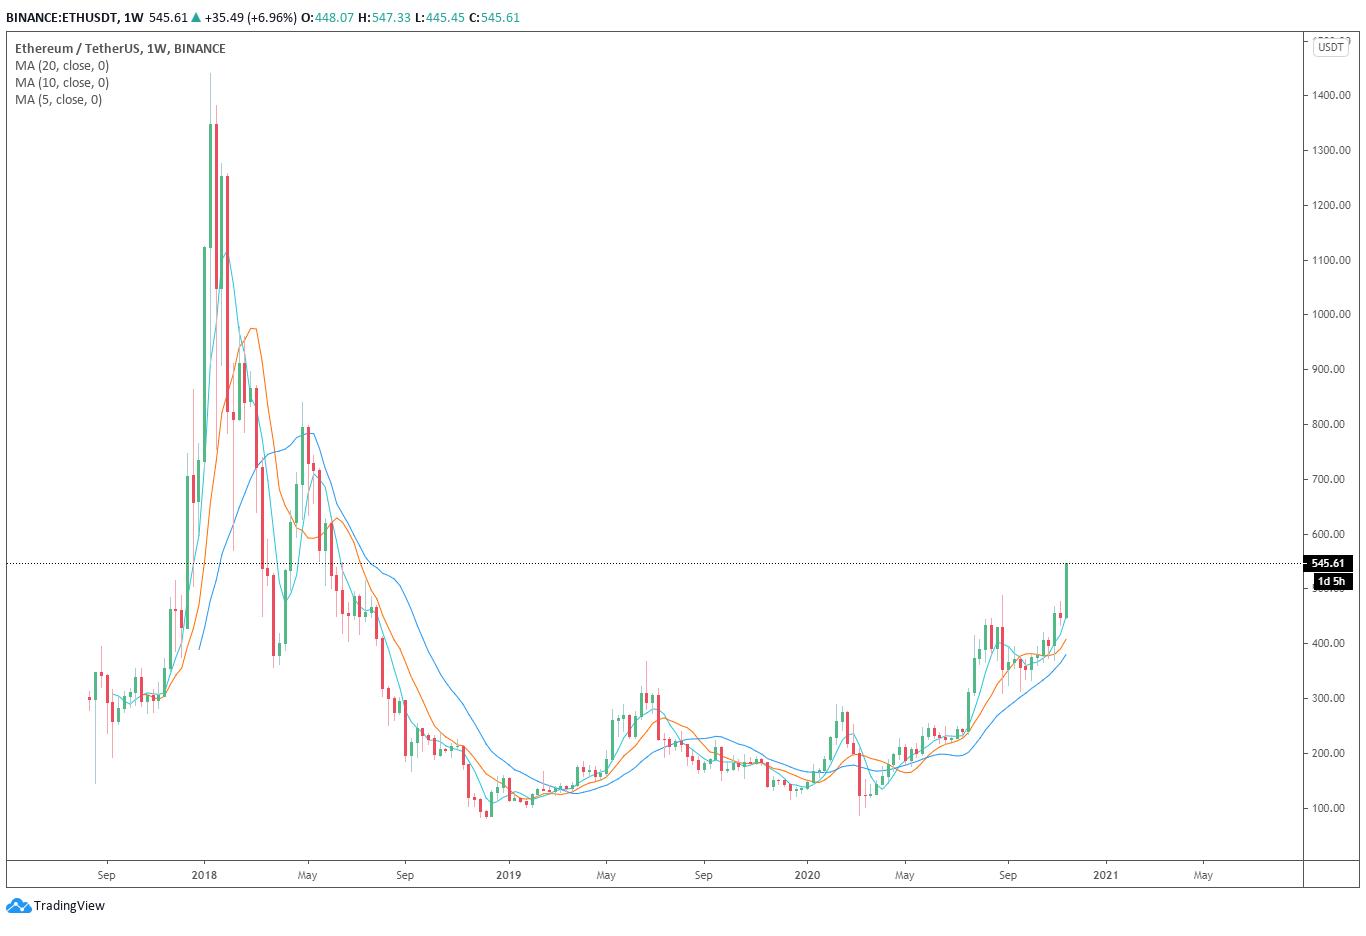 分析:以太坊价格飙升至547美元后,有可能继续保持抛物线式上涨趋势